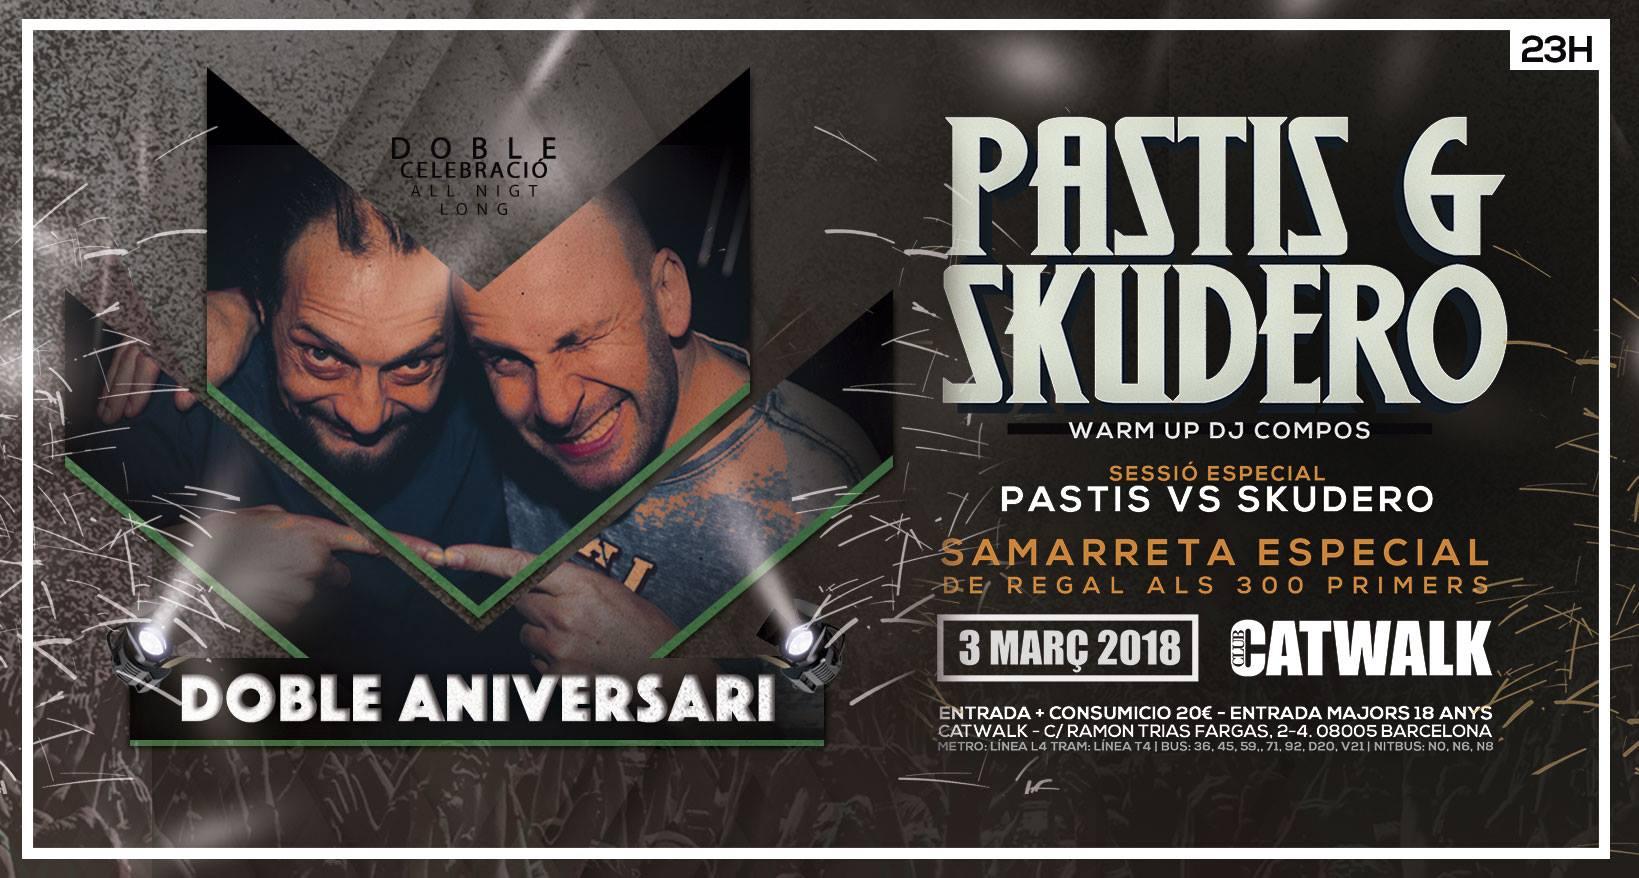 Catwalk - Aniversario Pastis & Skudero